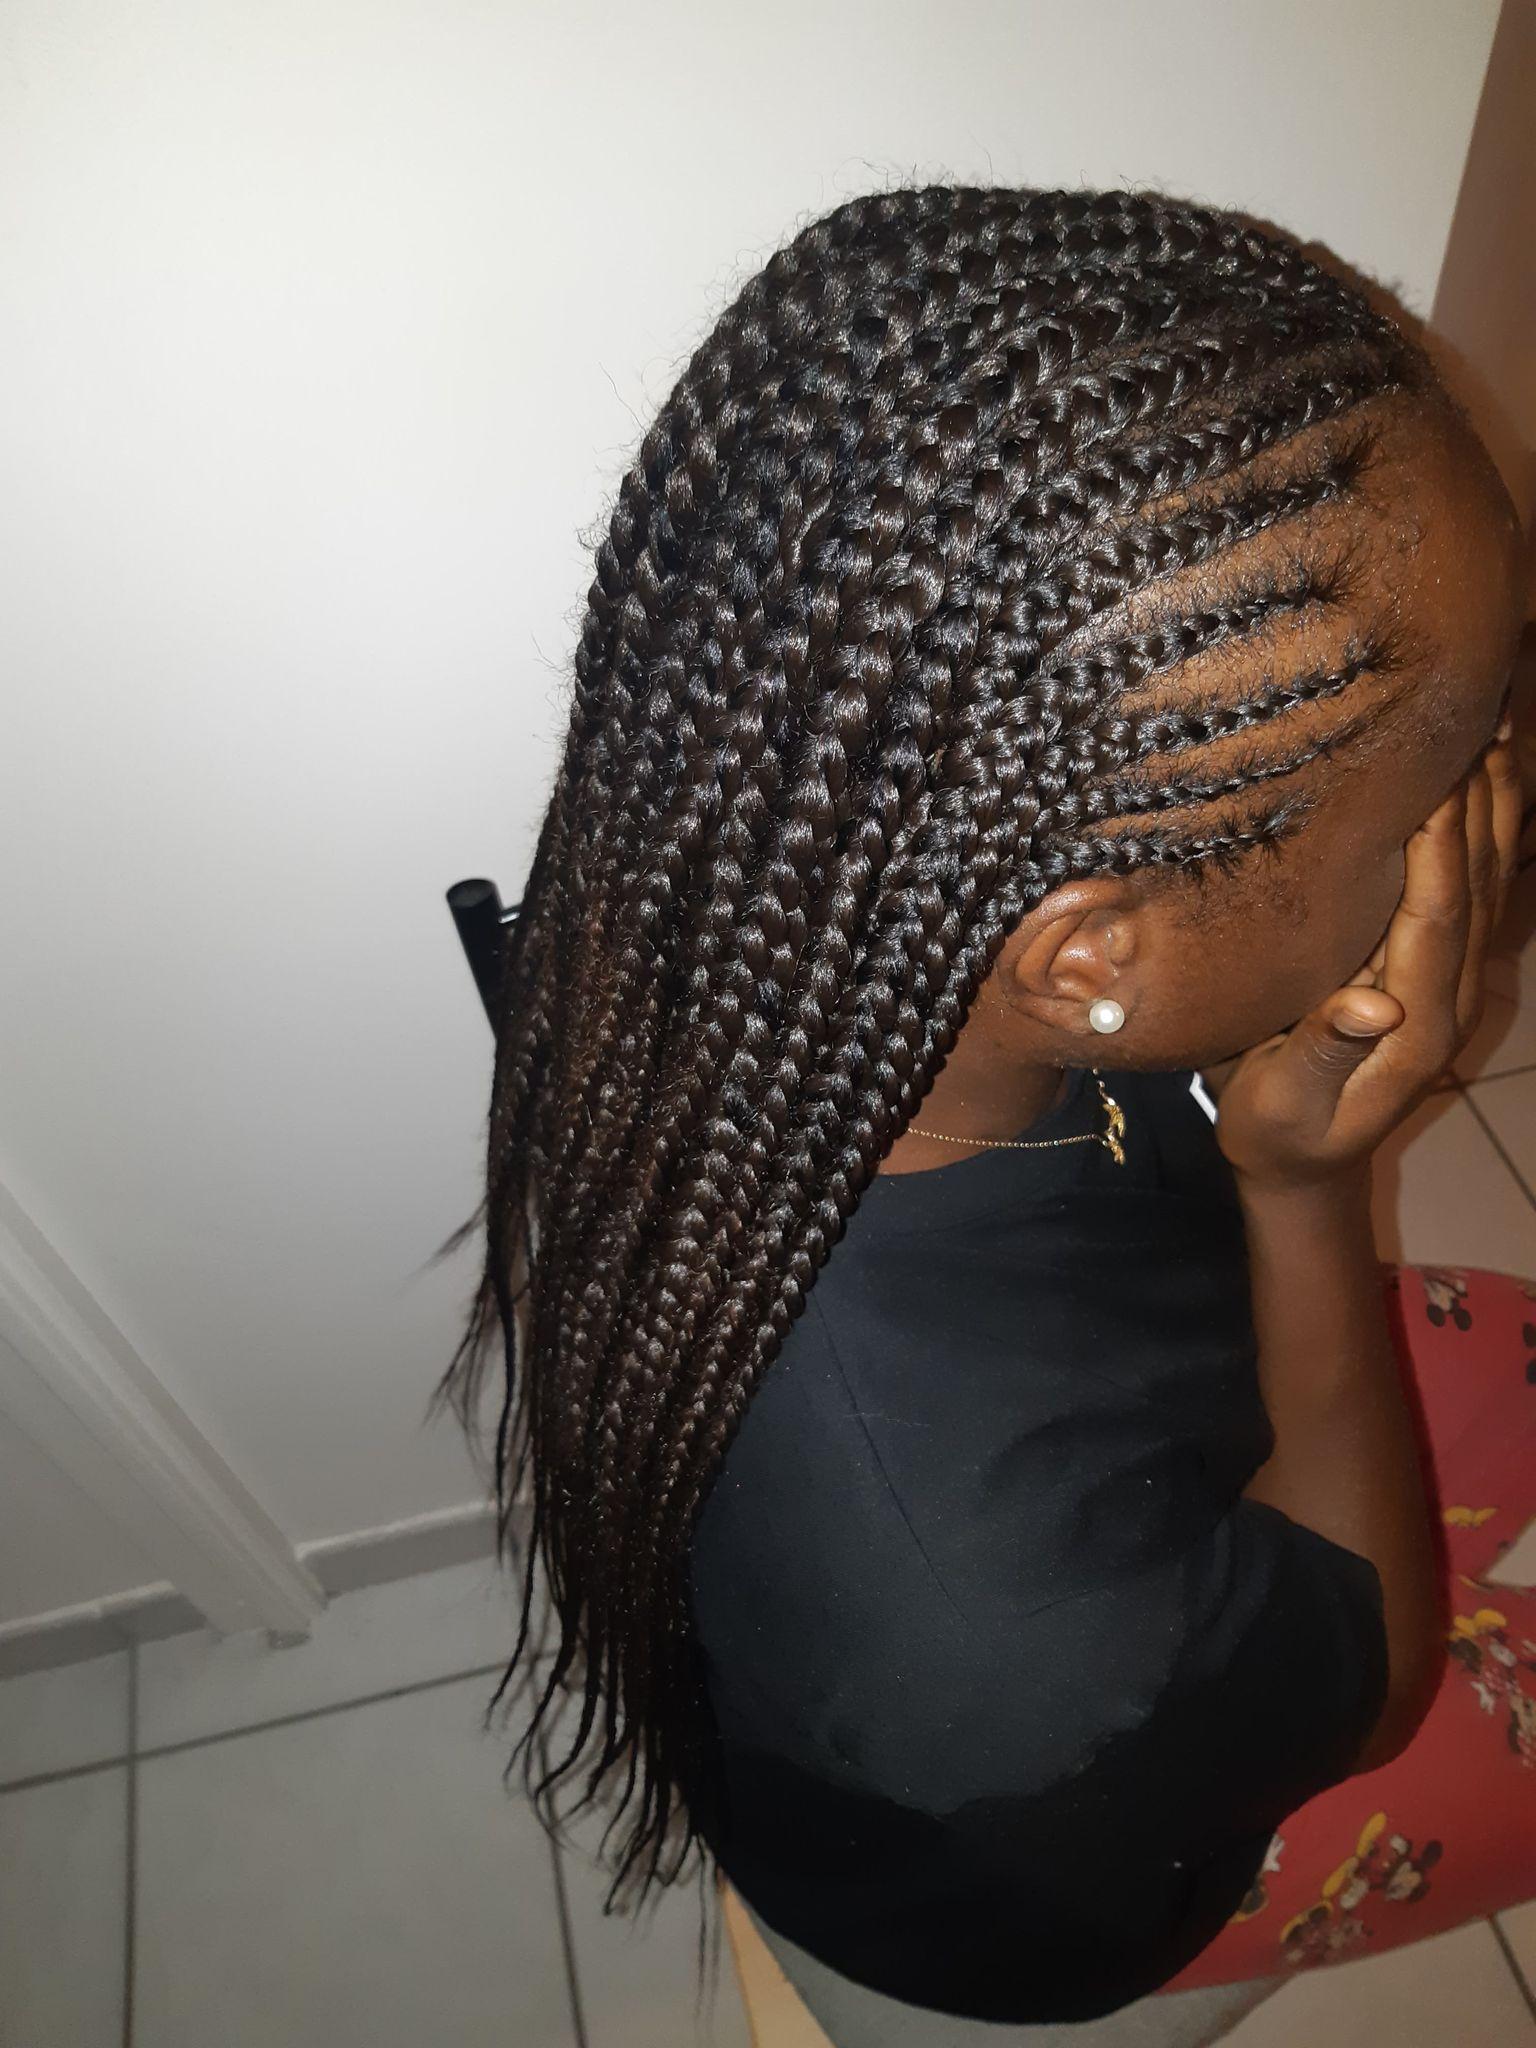 salon de coiffure afro tresse tresses box braids crochet braids vanilles tissages paris 75 77 78 91 92 93 94 95 ILMQDCXH